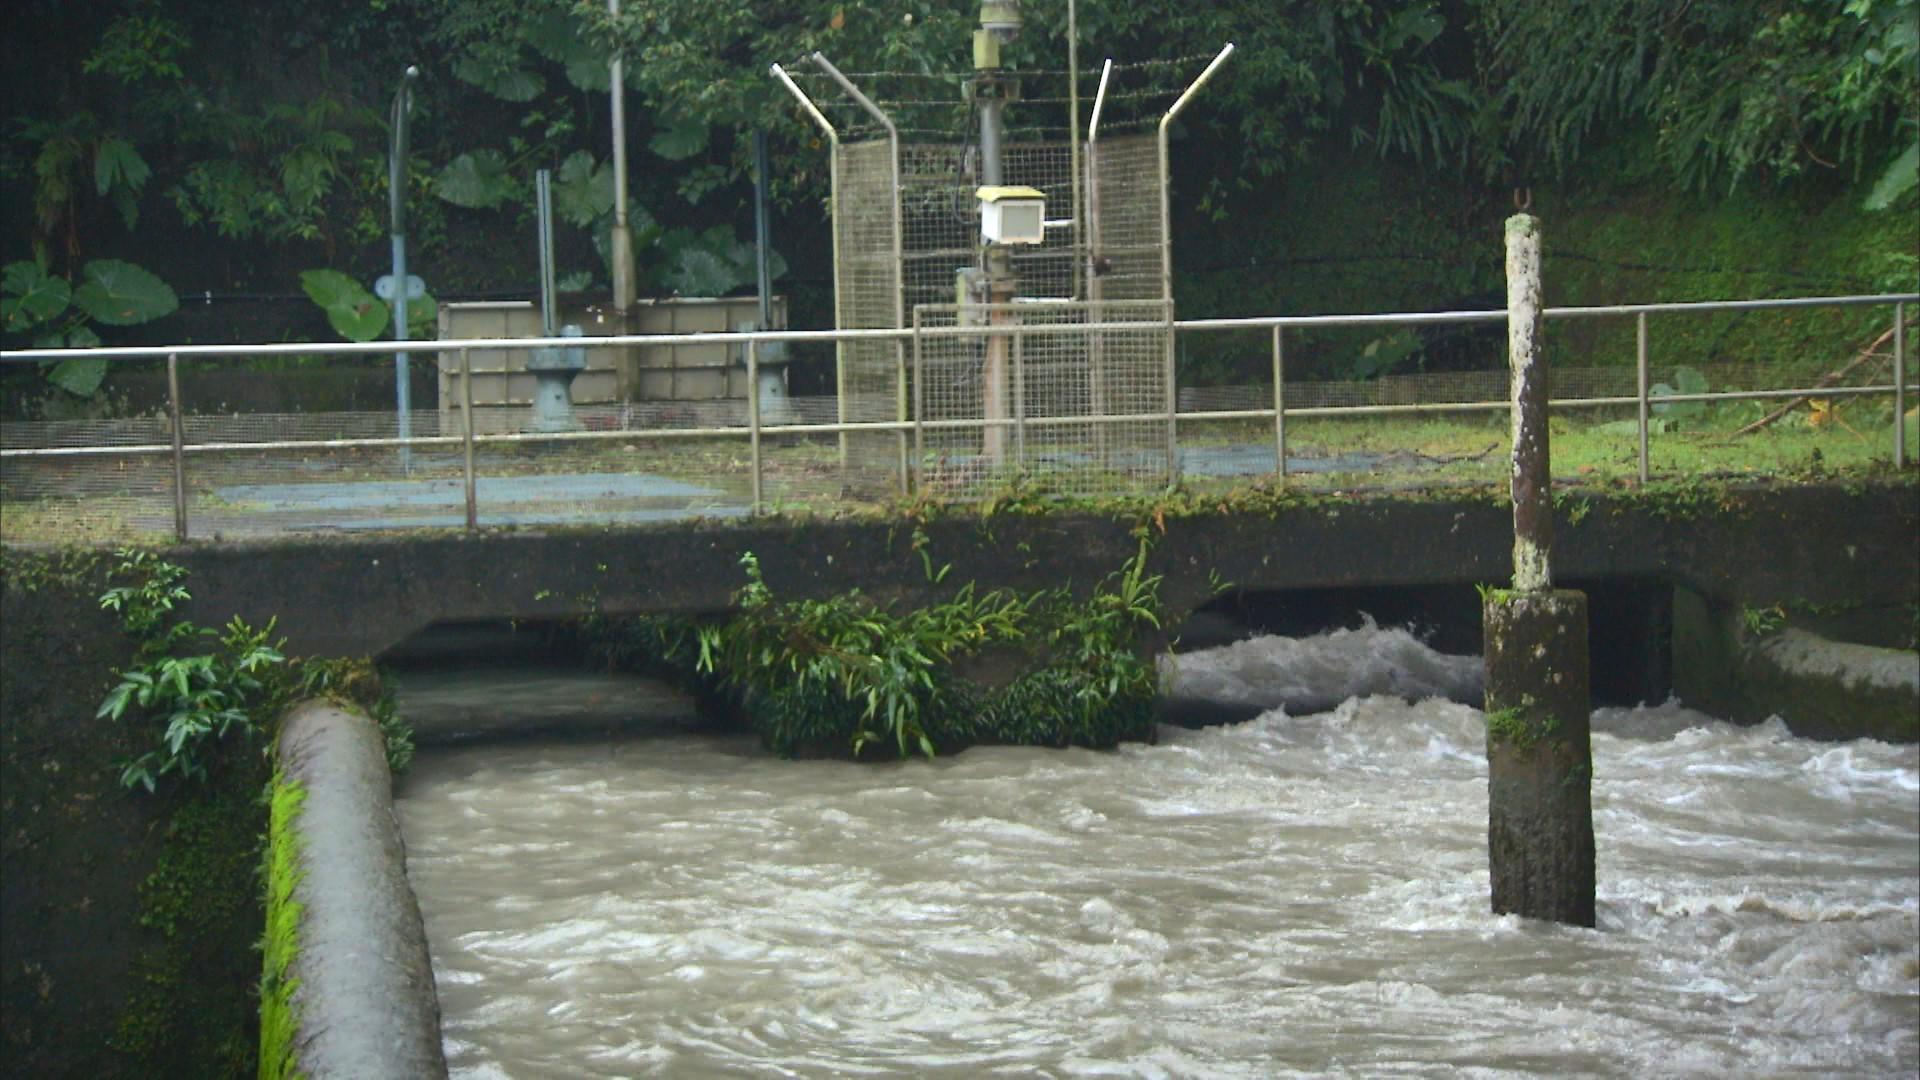 烏來電廠前池:烏來電廠有2個水源,分別是由桶後溪阿玉壩引來,及由南勢溪羅好壩引來的水源。